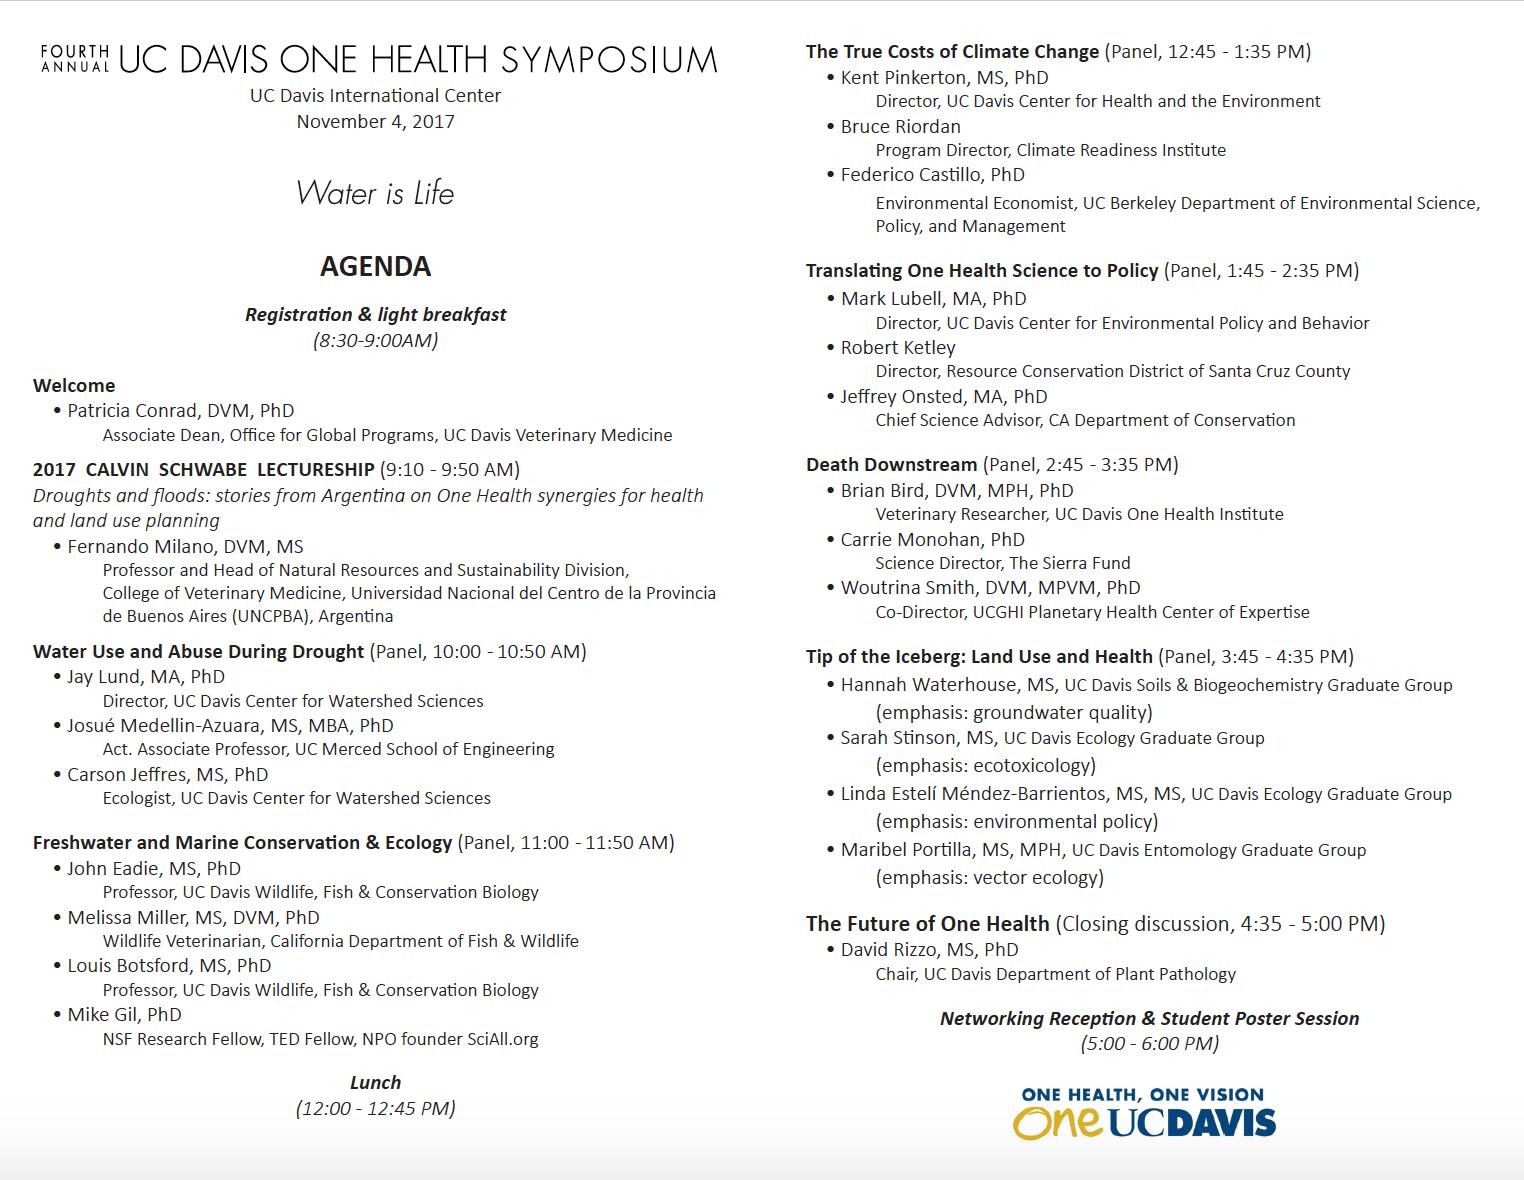 Symposium 2017 program